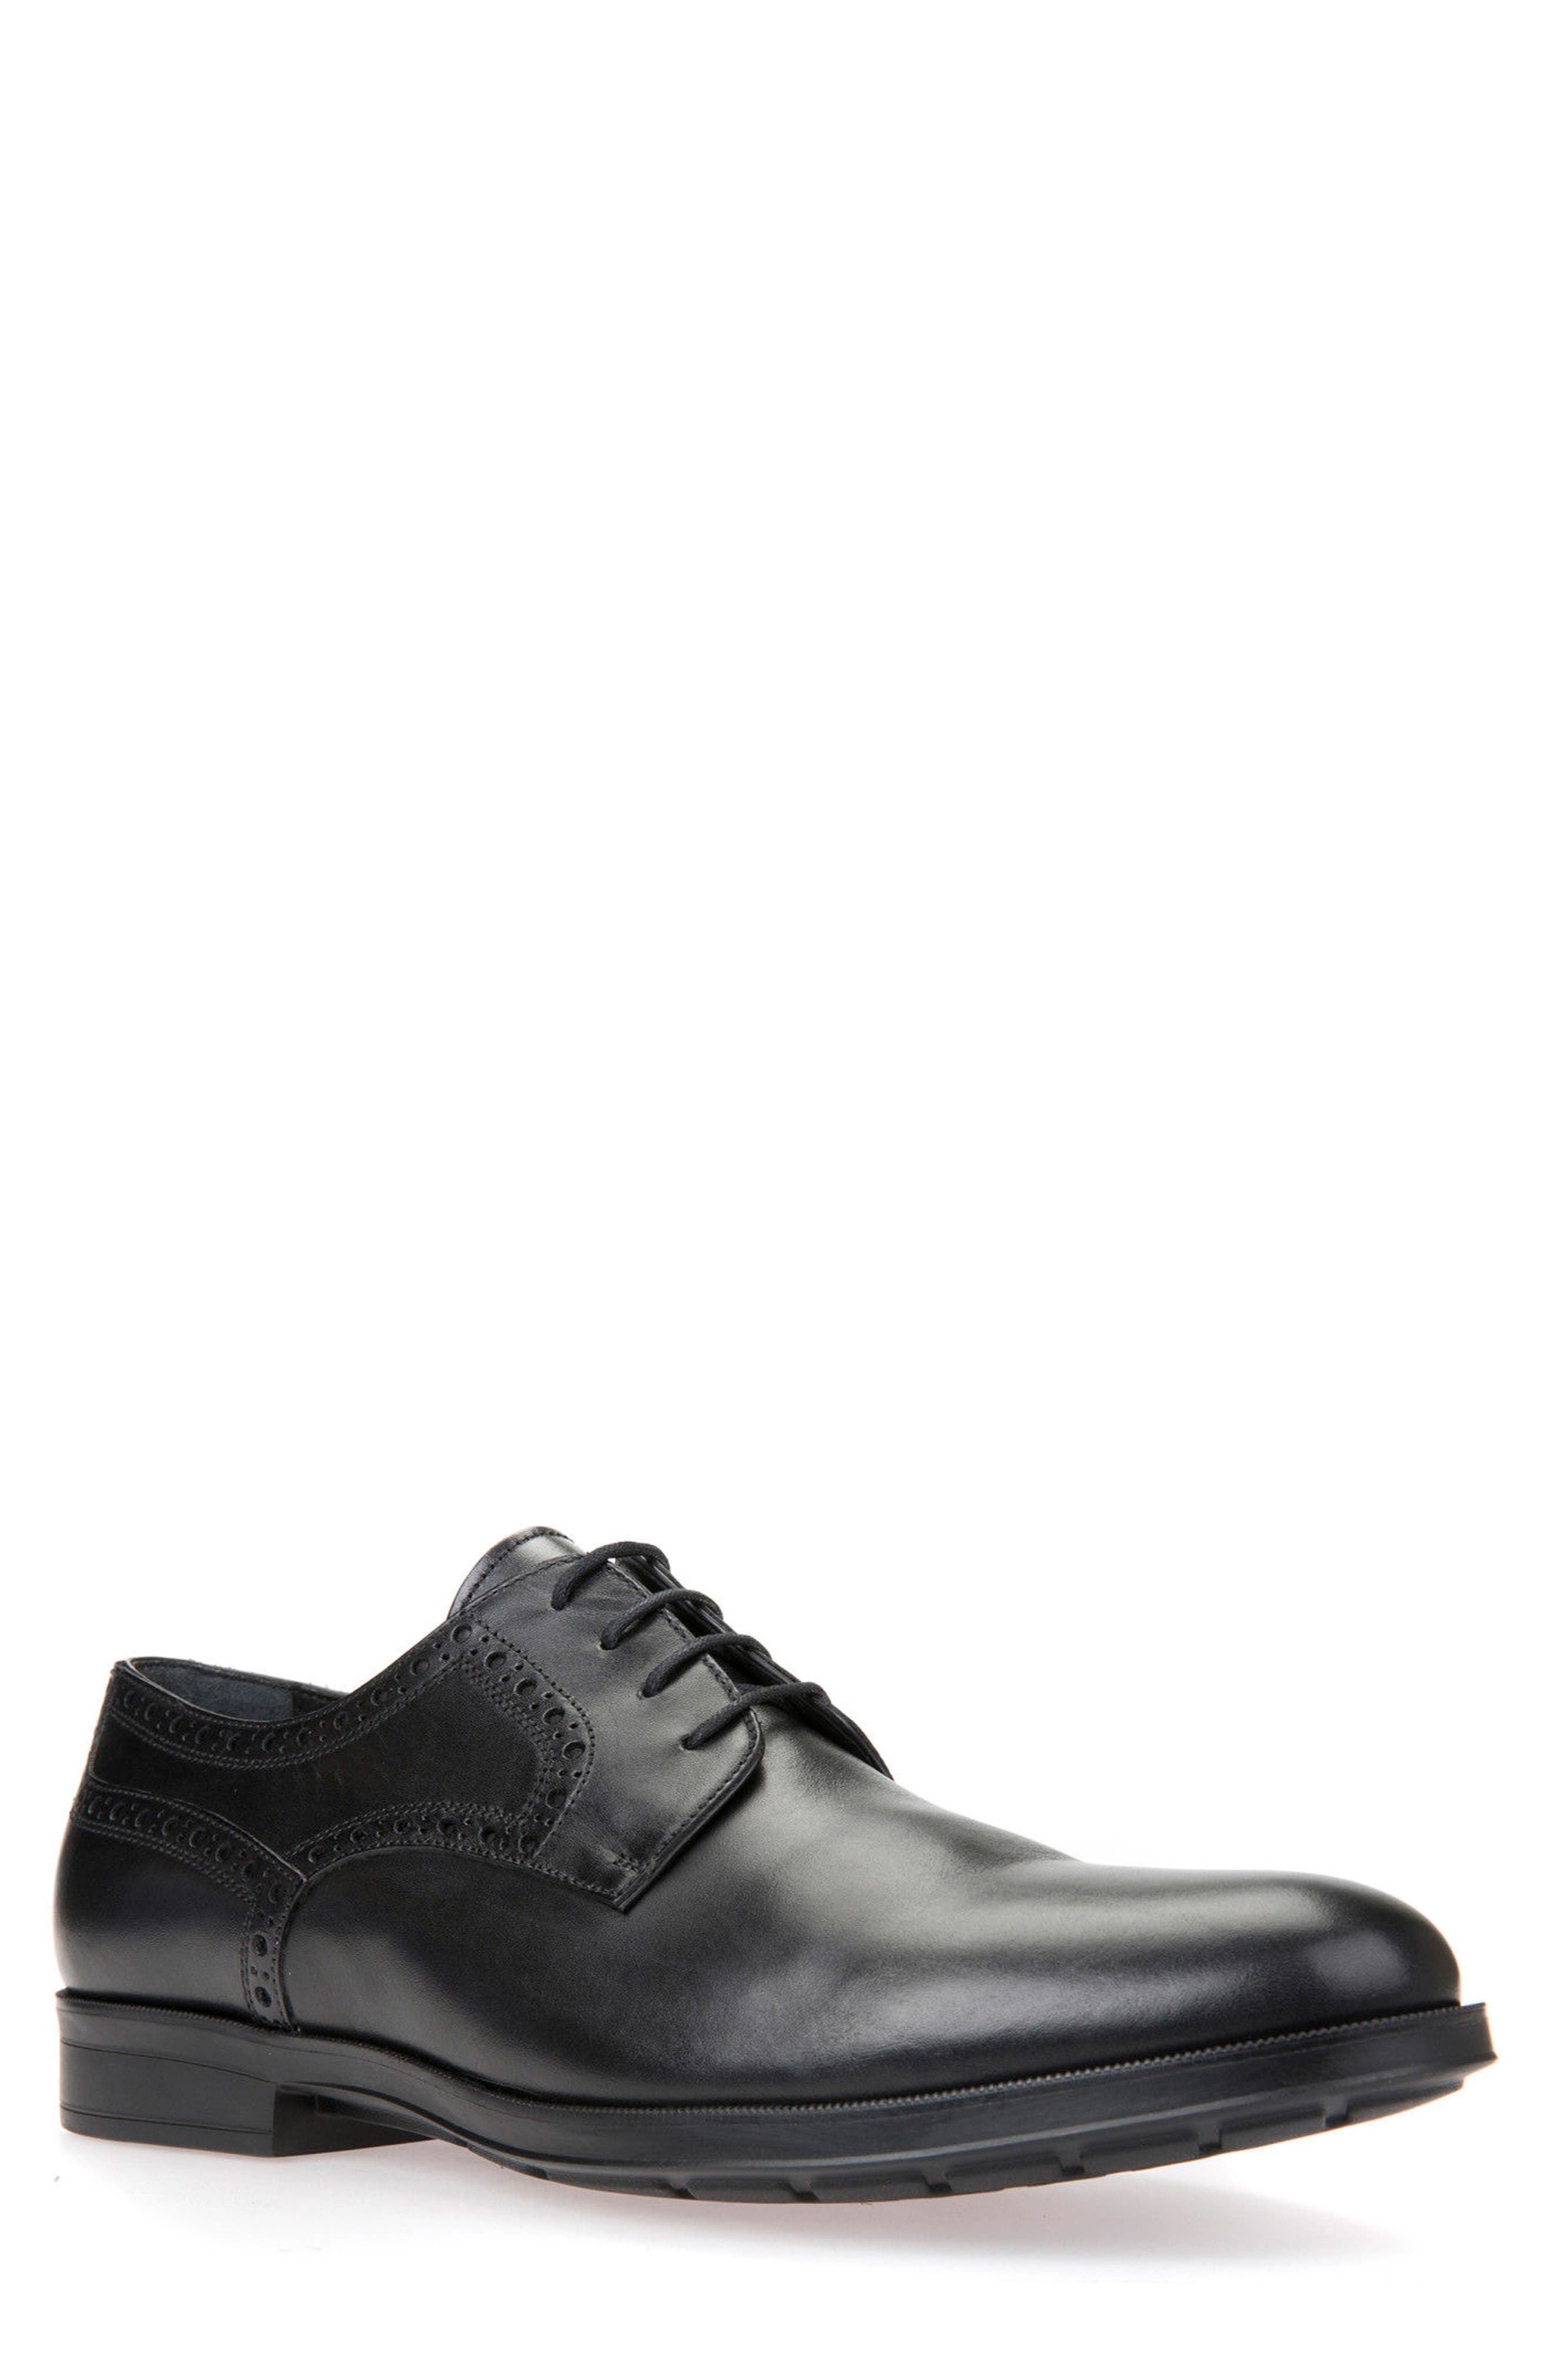 Geox Hilstone 3 Plain Toe Derby (Men)